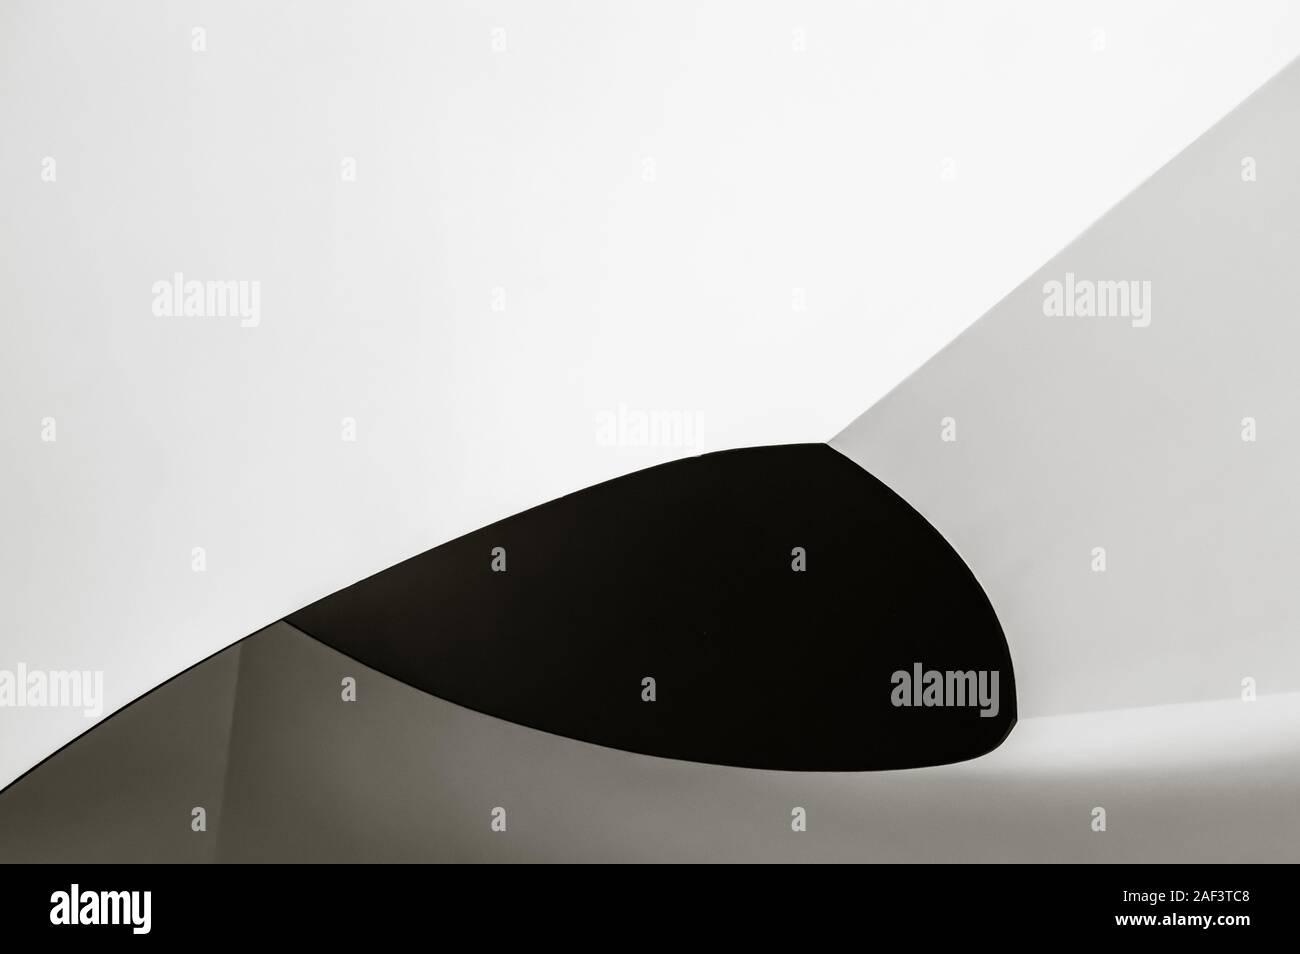 Escalera de caracol. Resumen de la arquitectura moderna. Foto en primer plano en blanco y negro del interior fragmento en relación con el progreso metafórica o developme Foto de stock